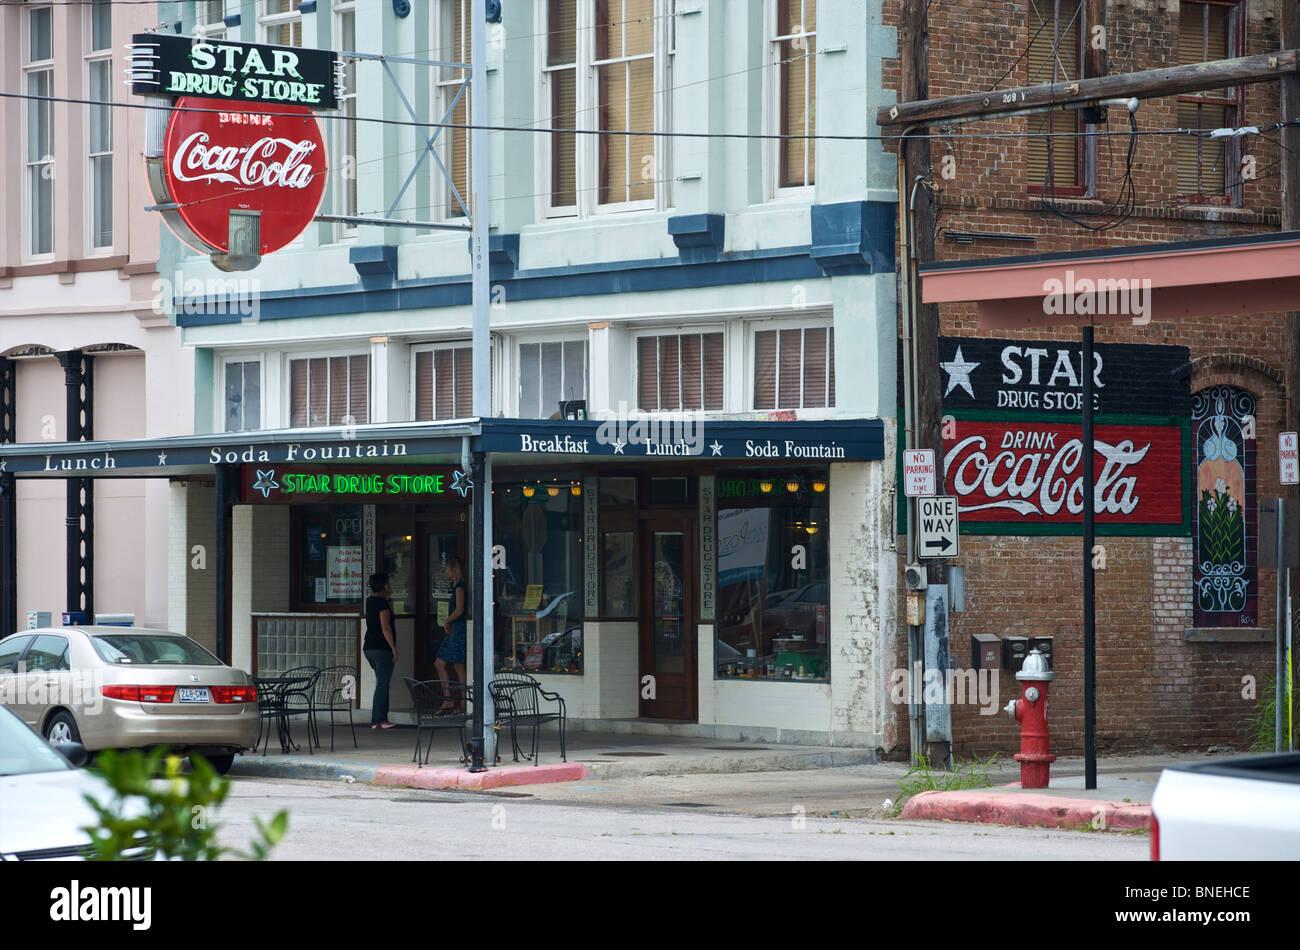 Star célèbre drug store avec la plus vieille enseigne au néon Coca Cola centre-ville de Galveston, Texas, États-Unis Banque D'Images